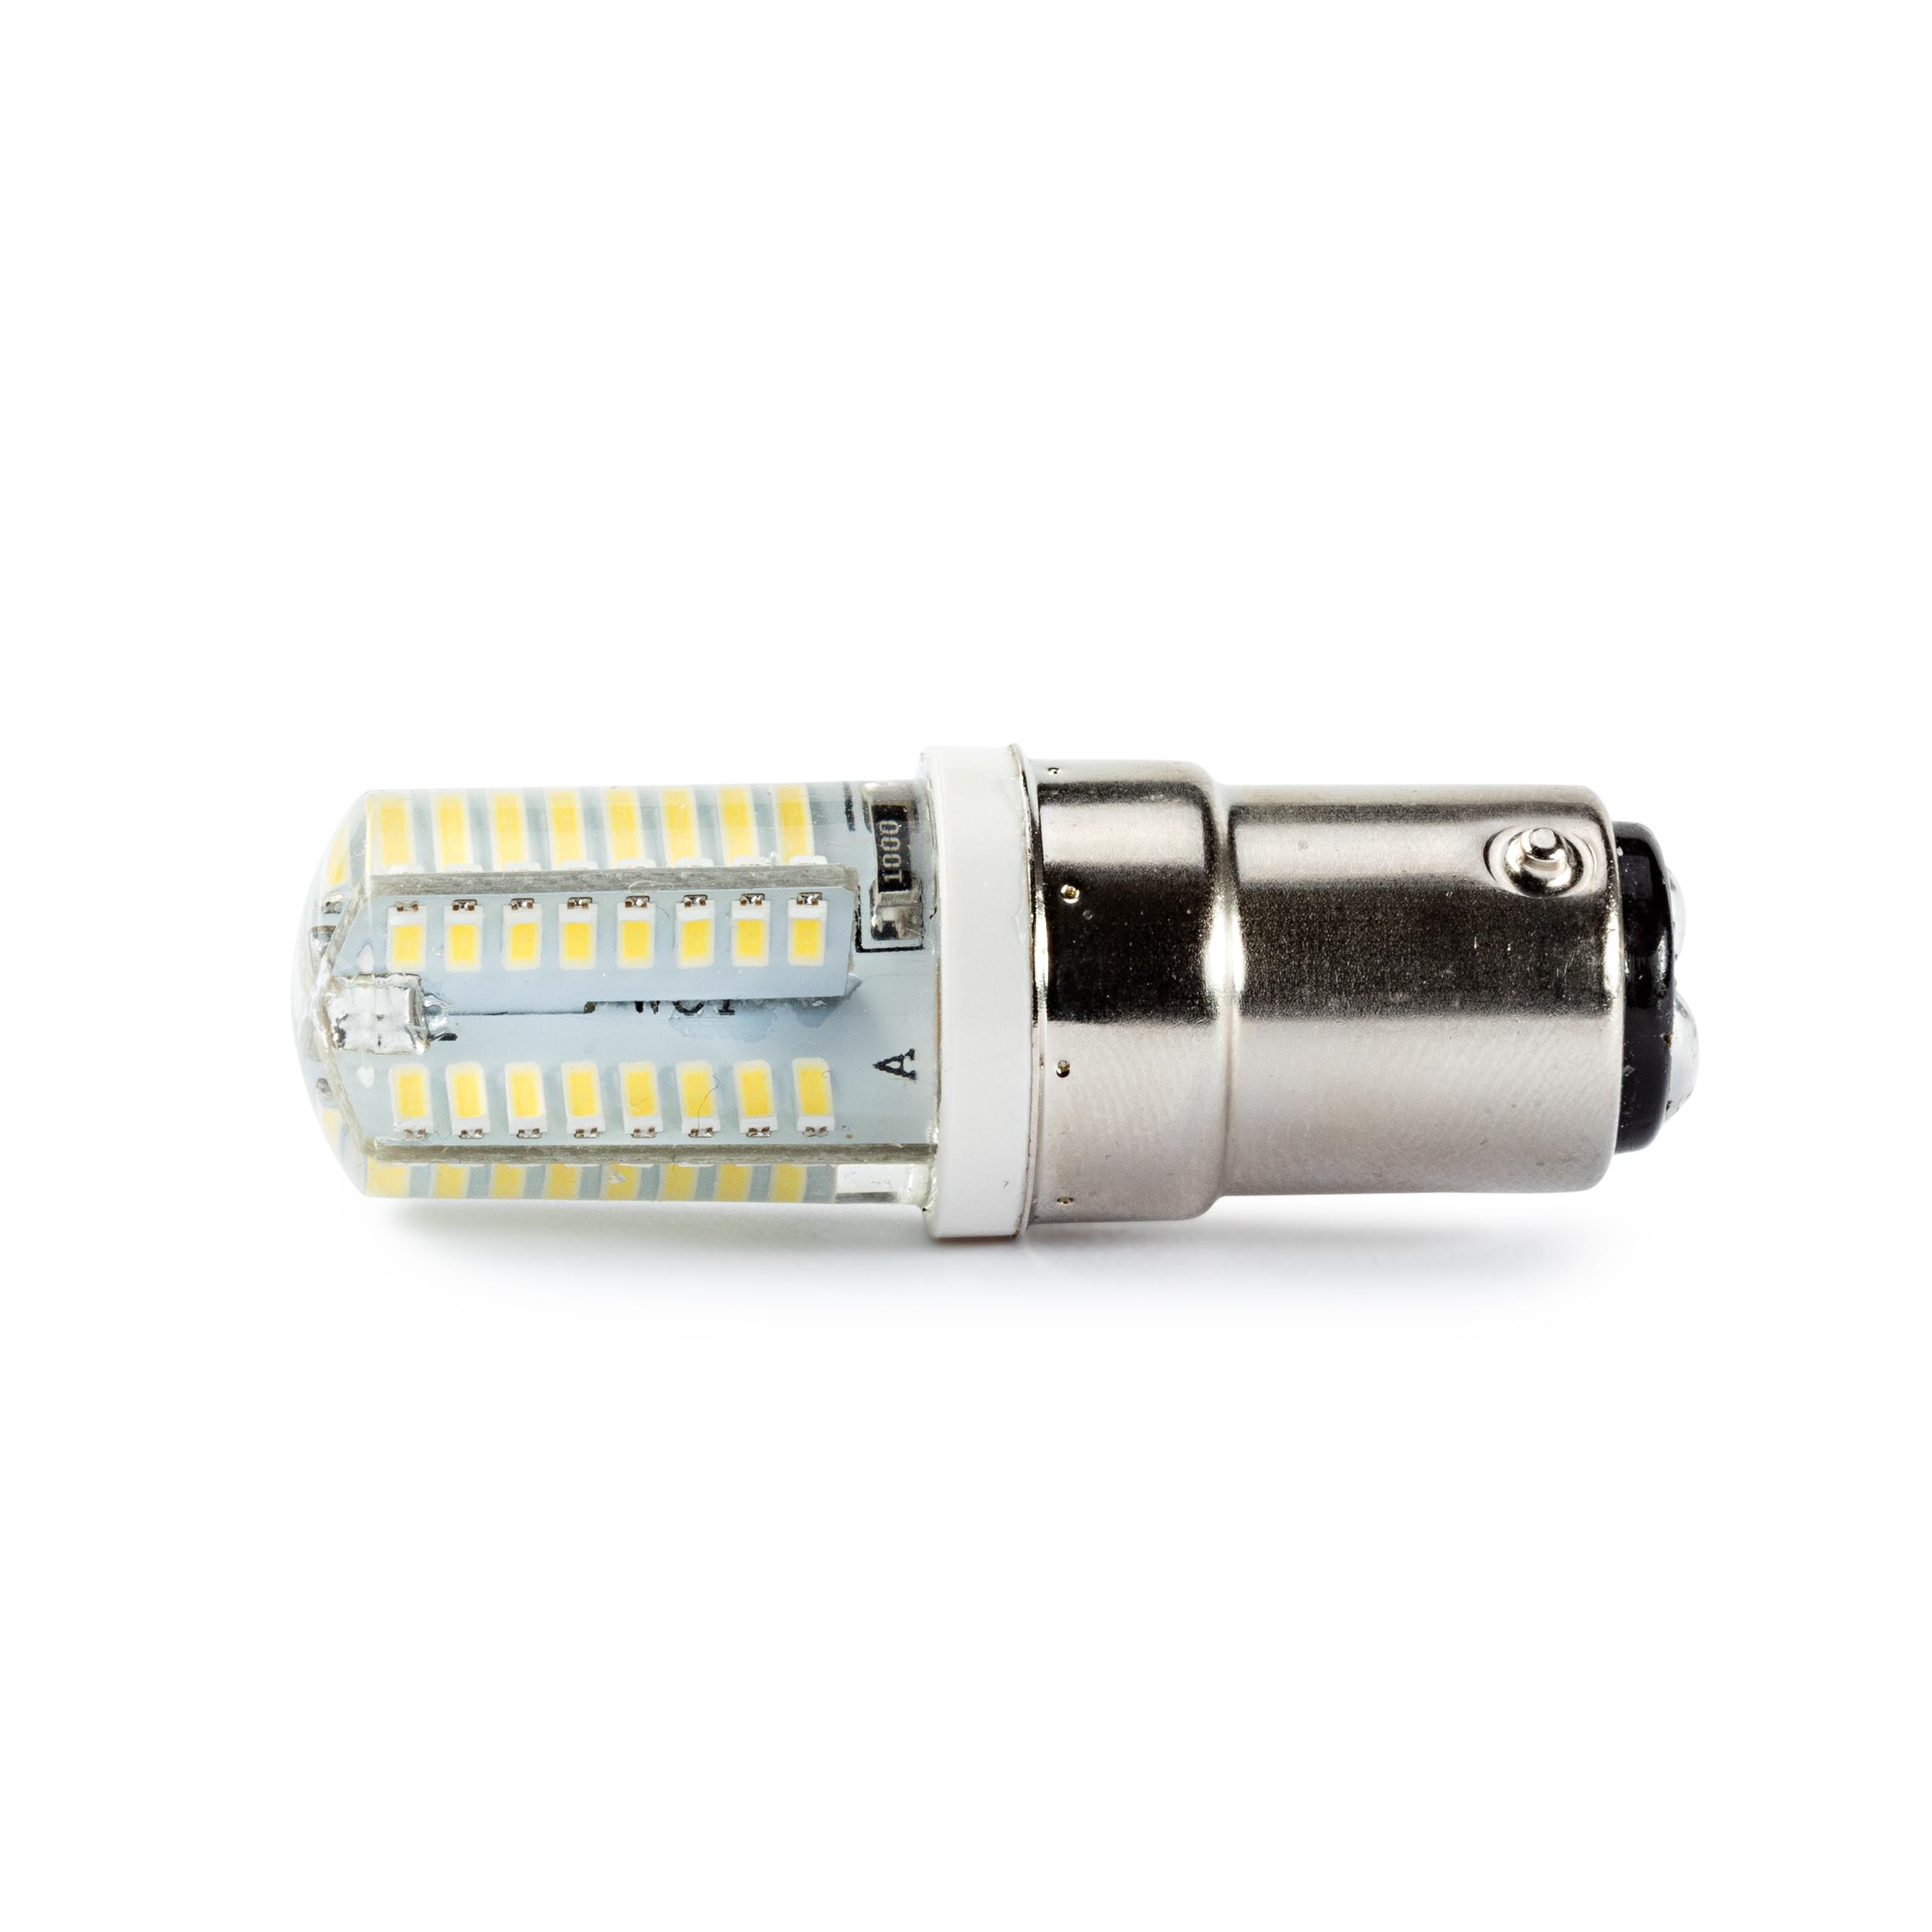 LED Nähmaschinen Ersatzleuchte, Prym - Art. 610376